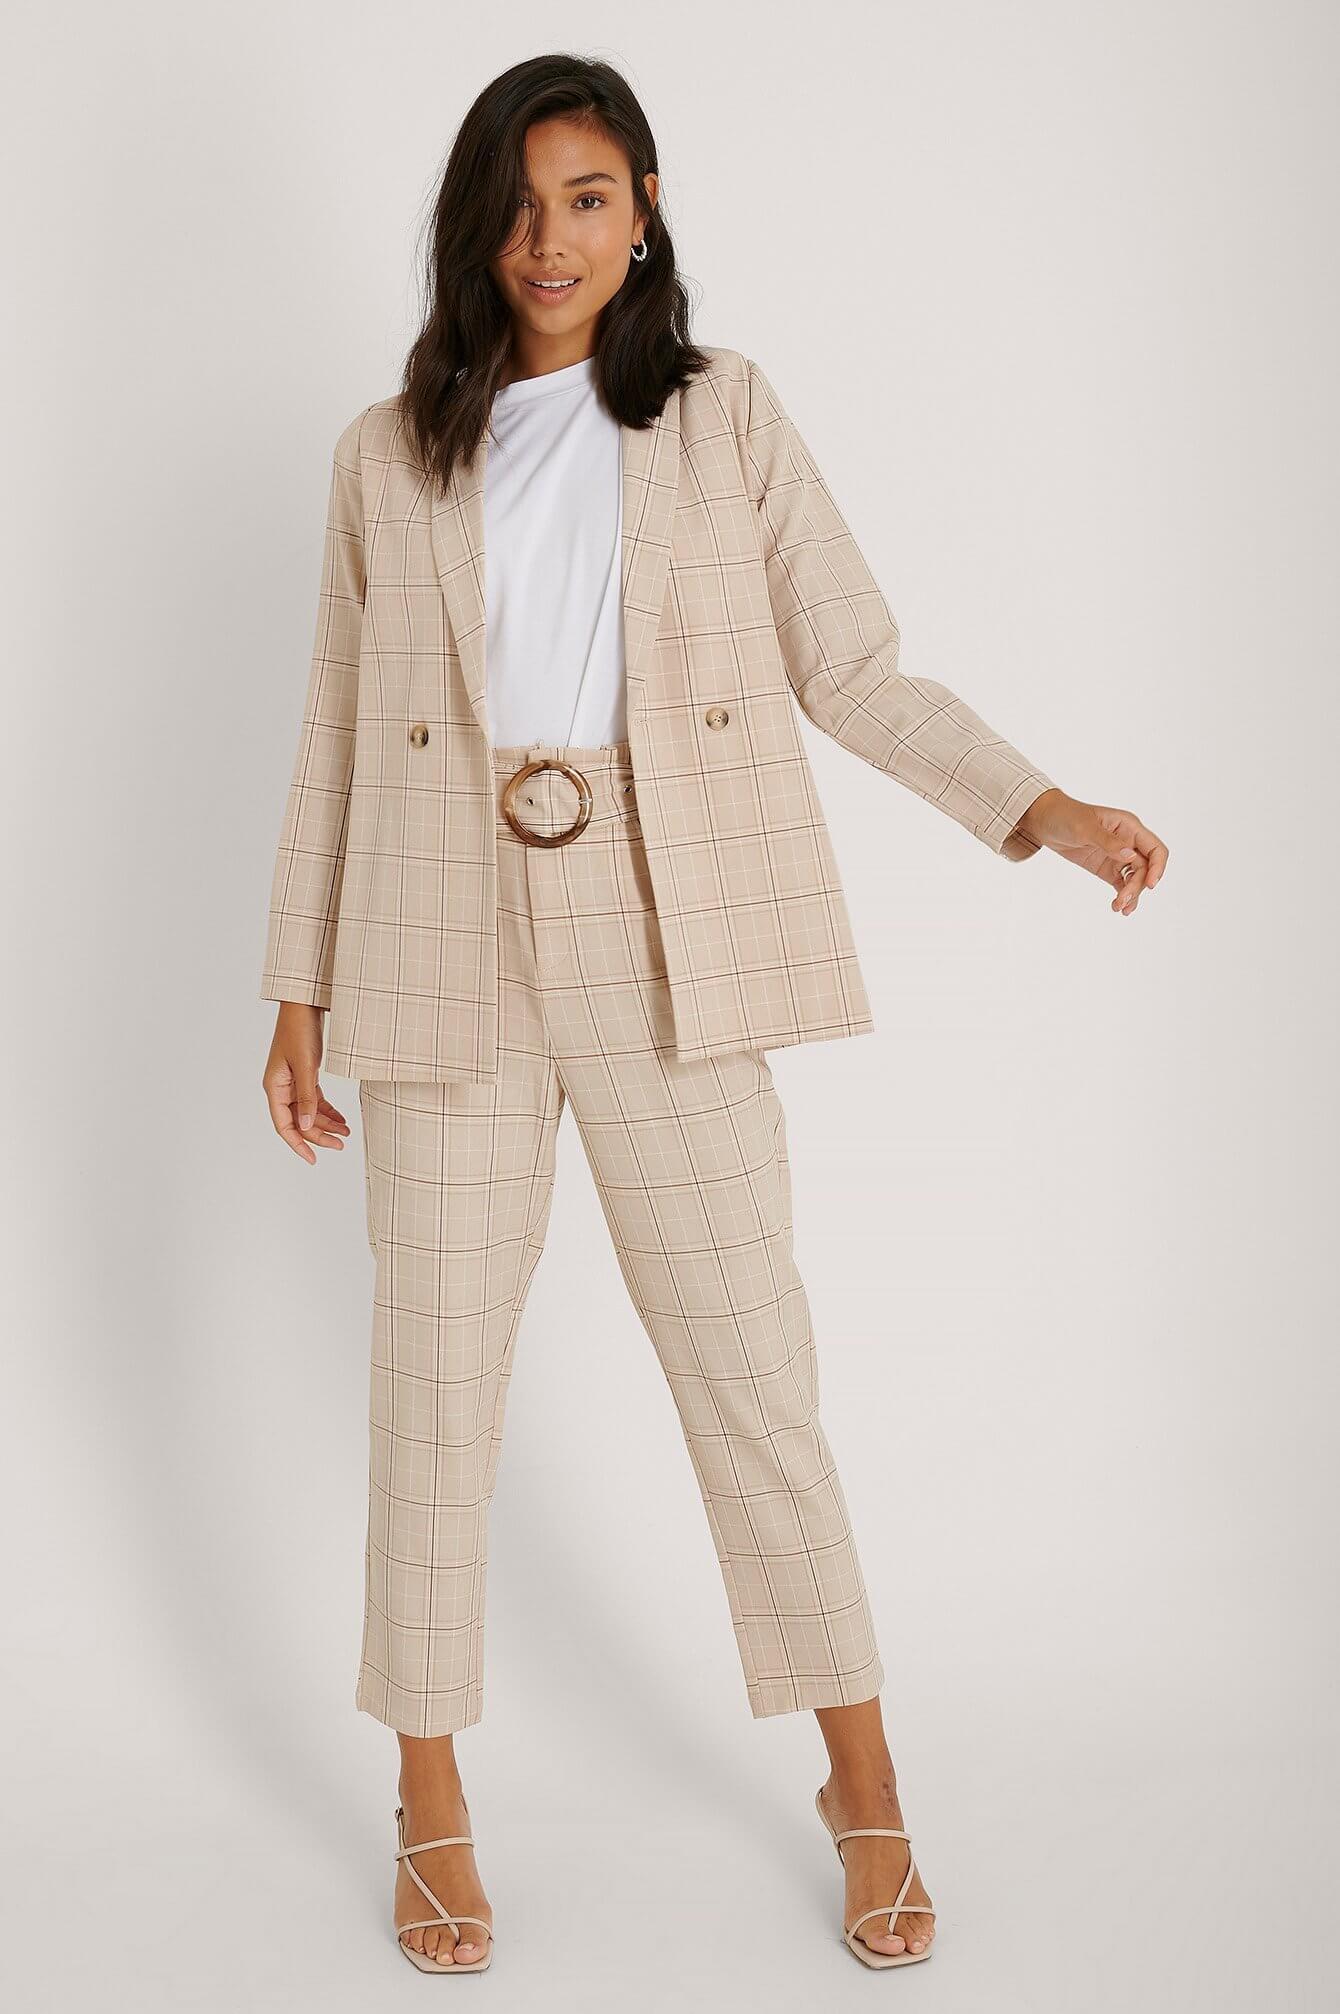 Rutig beige kostym kvinna